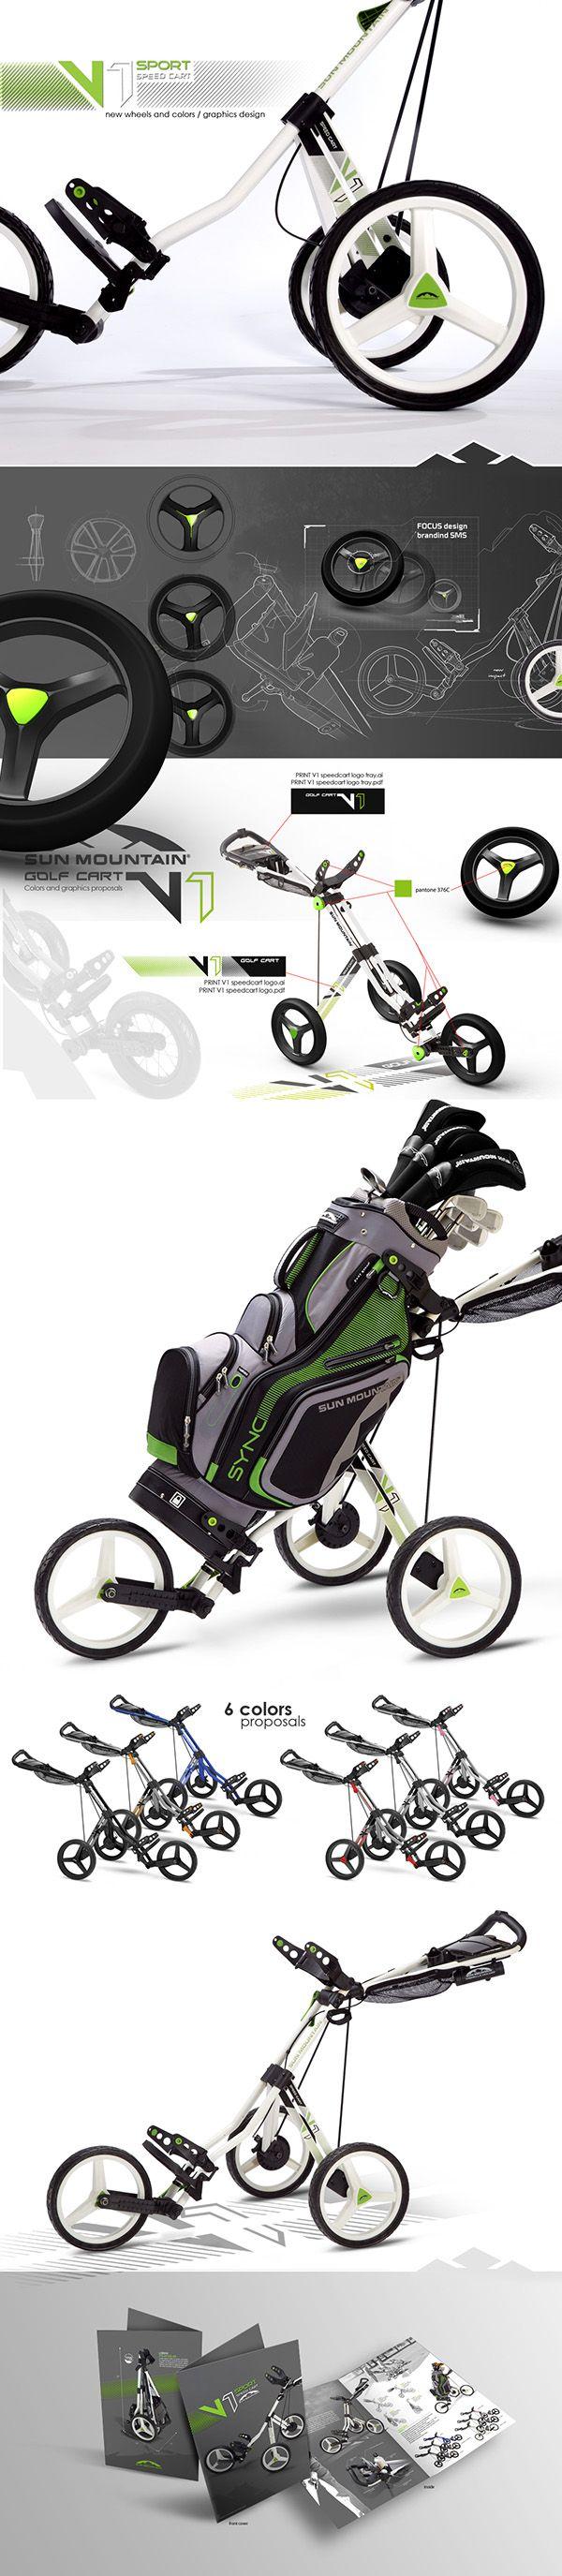 https://www.behance.net/gallery/14124327/SUN-MOUNTAIN-V1-SPORT-Golf-Cart